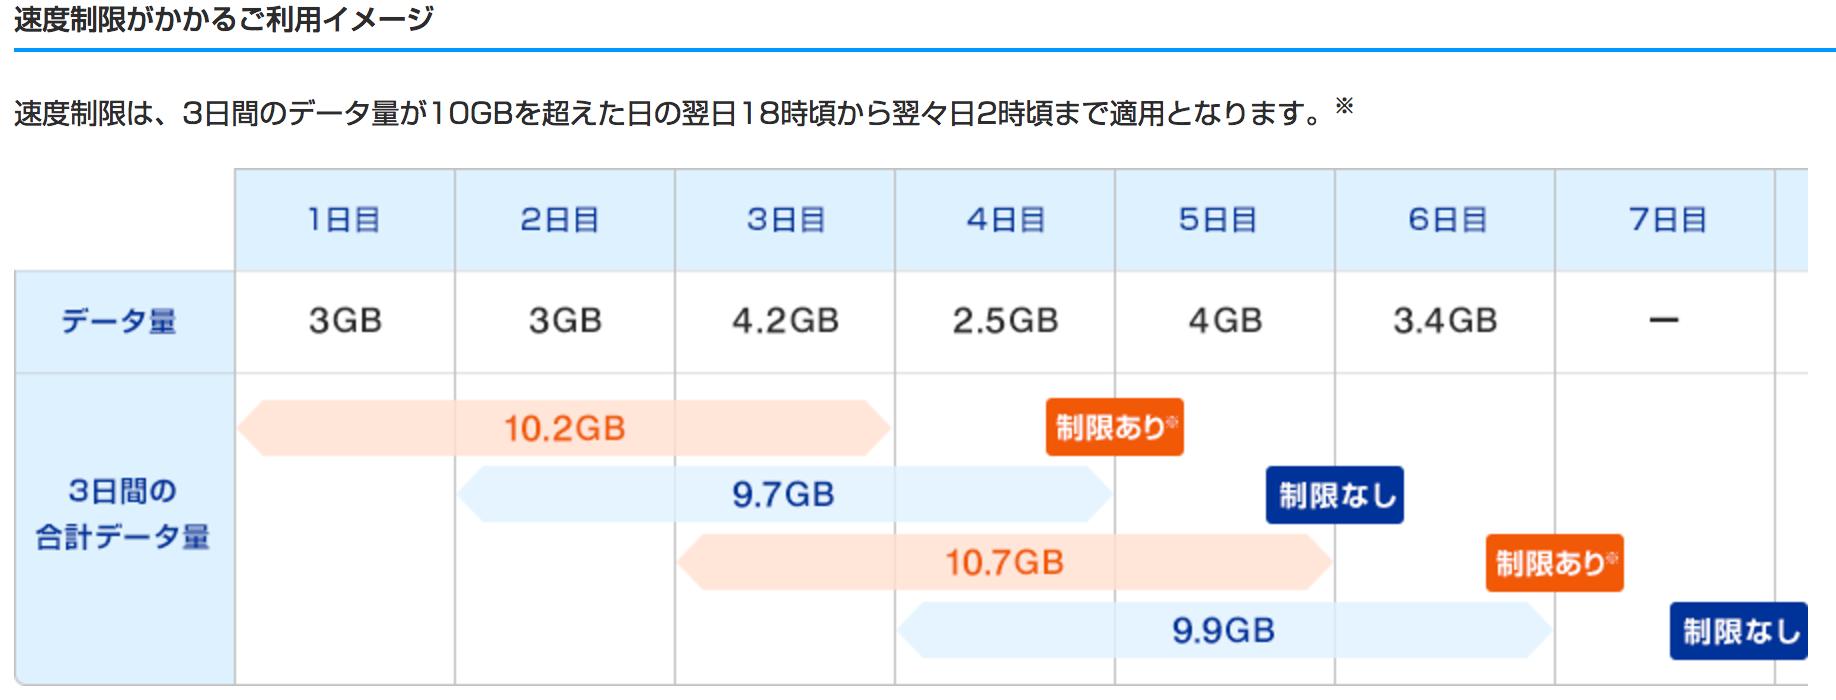 WiMAXの速度制限のイメージ